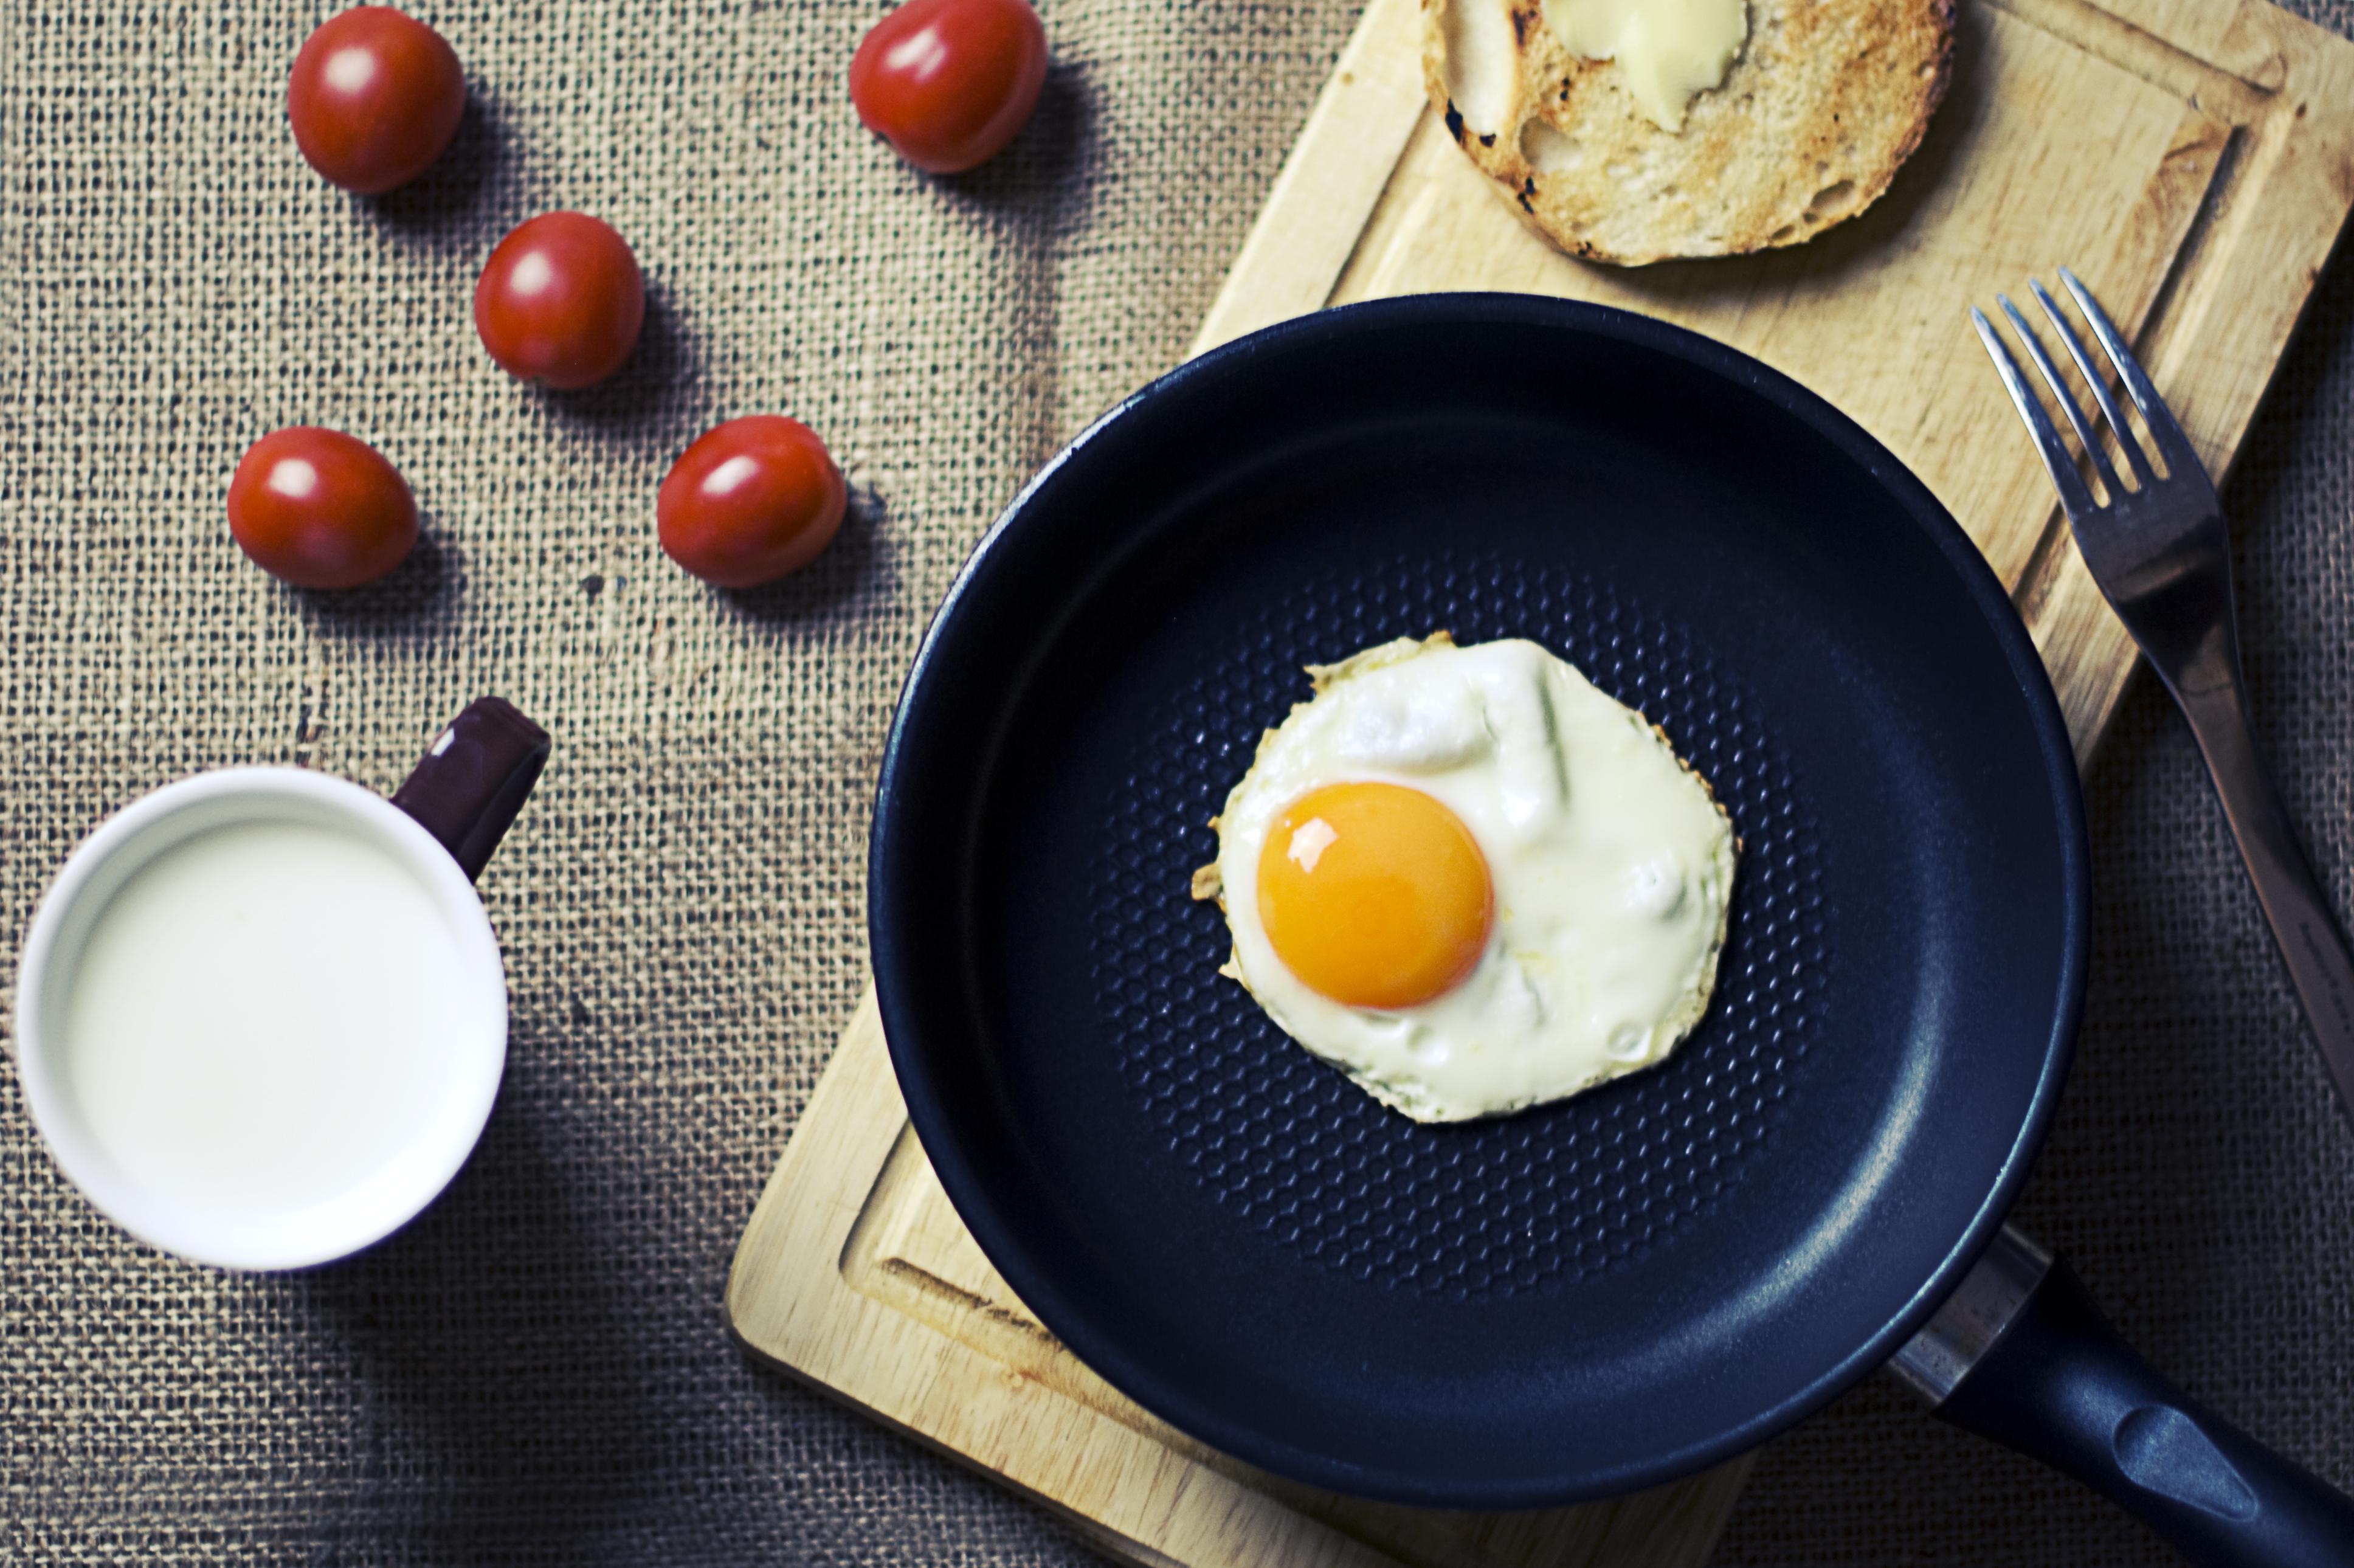 еда яичница желток  № 747040 бесплатно